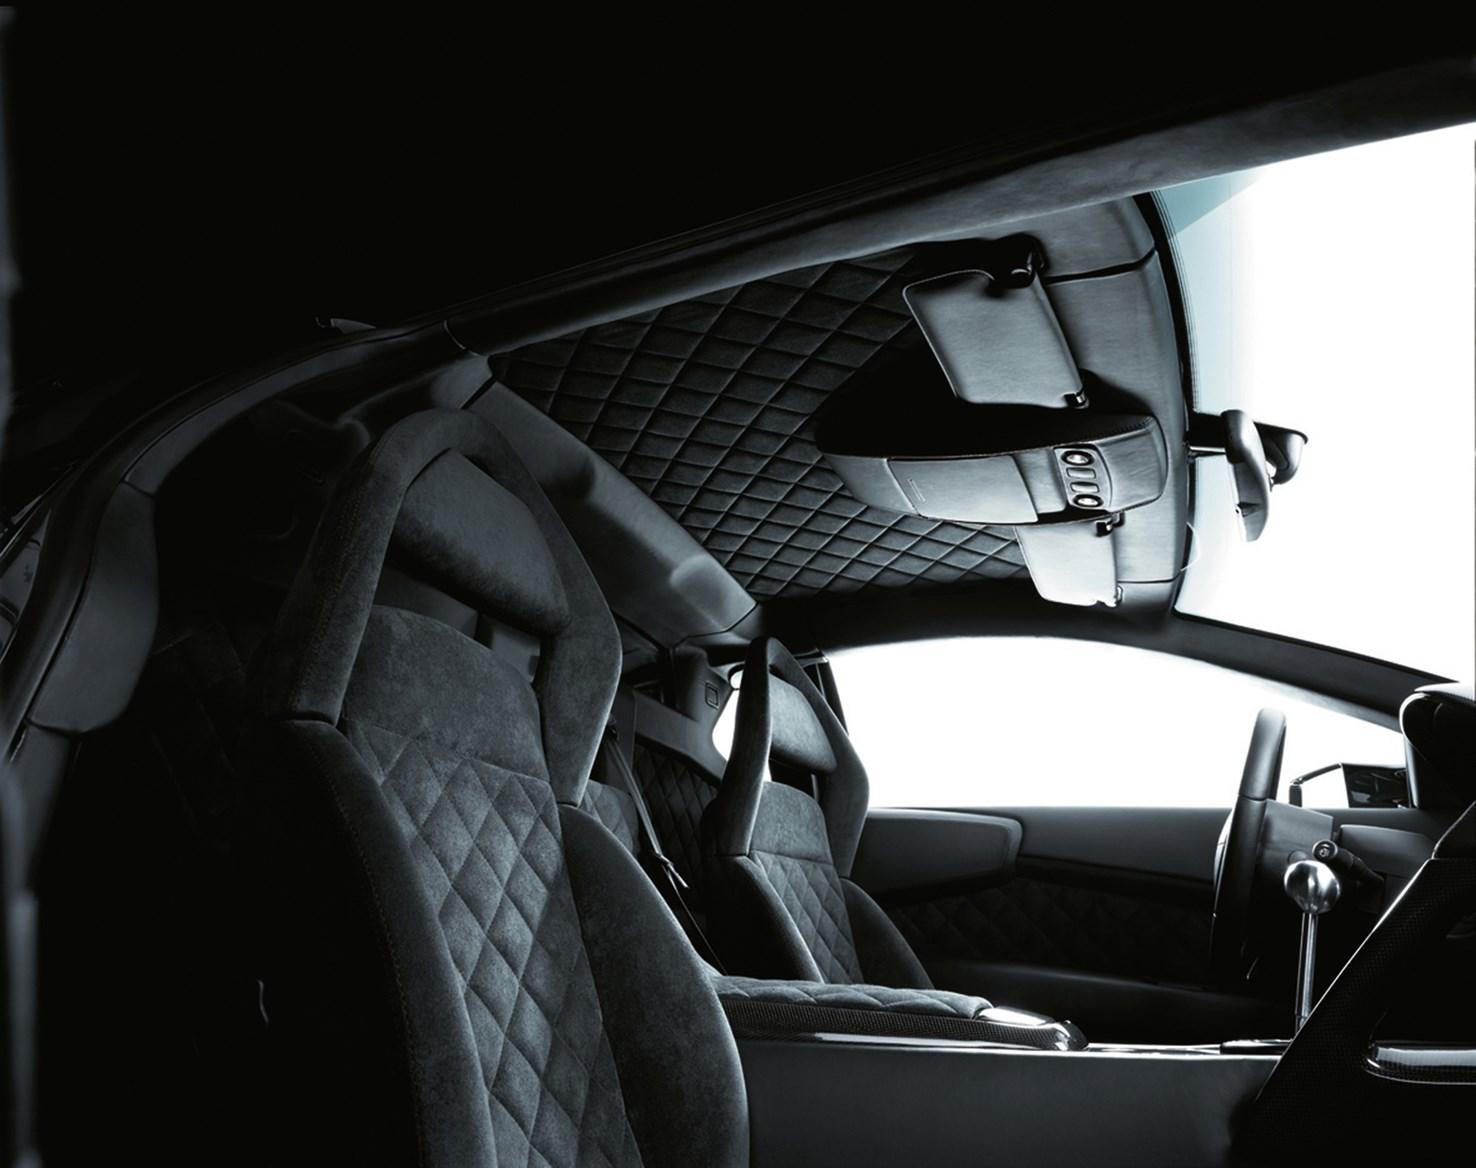 Lamborghini Murcielago Coupe 2002 2010 Features Equipment And